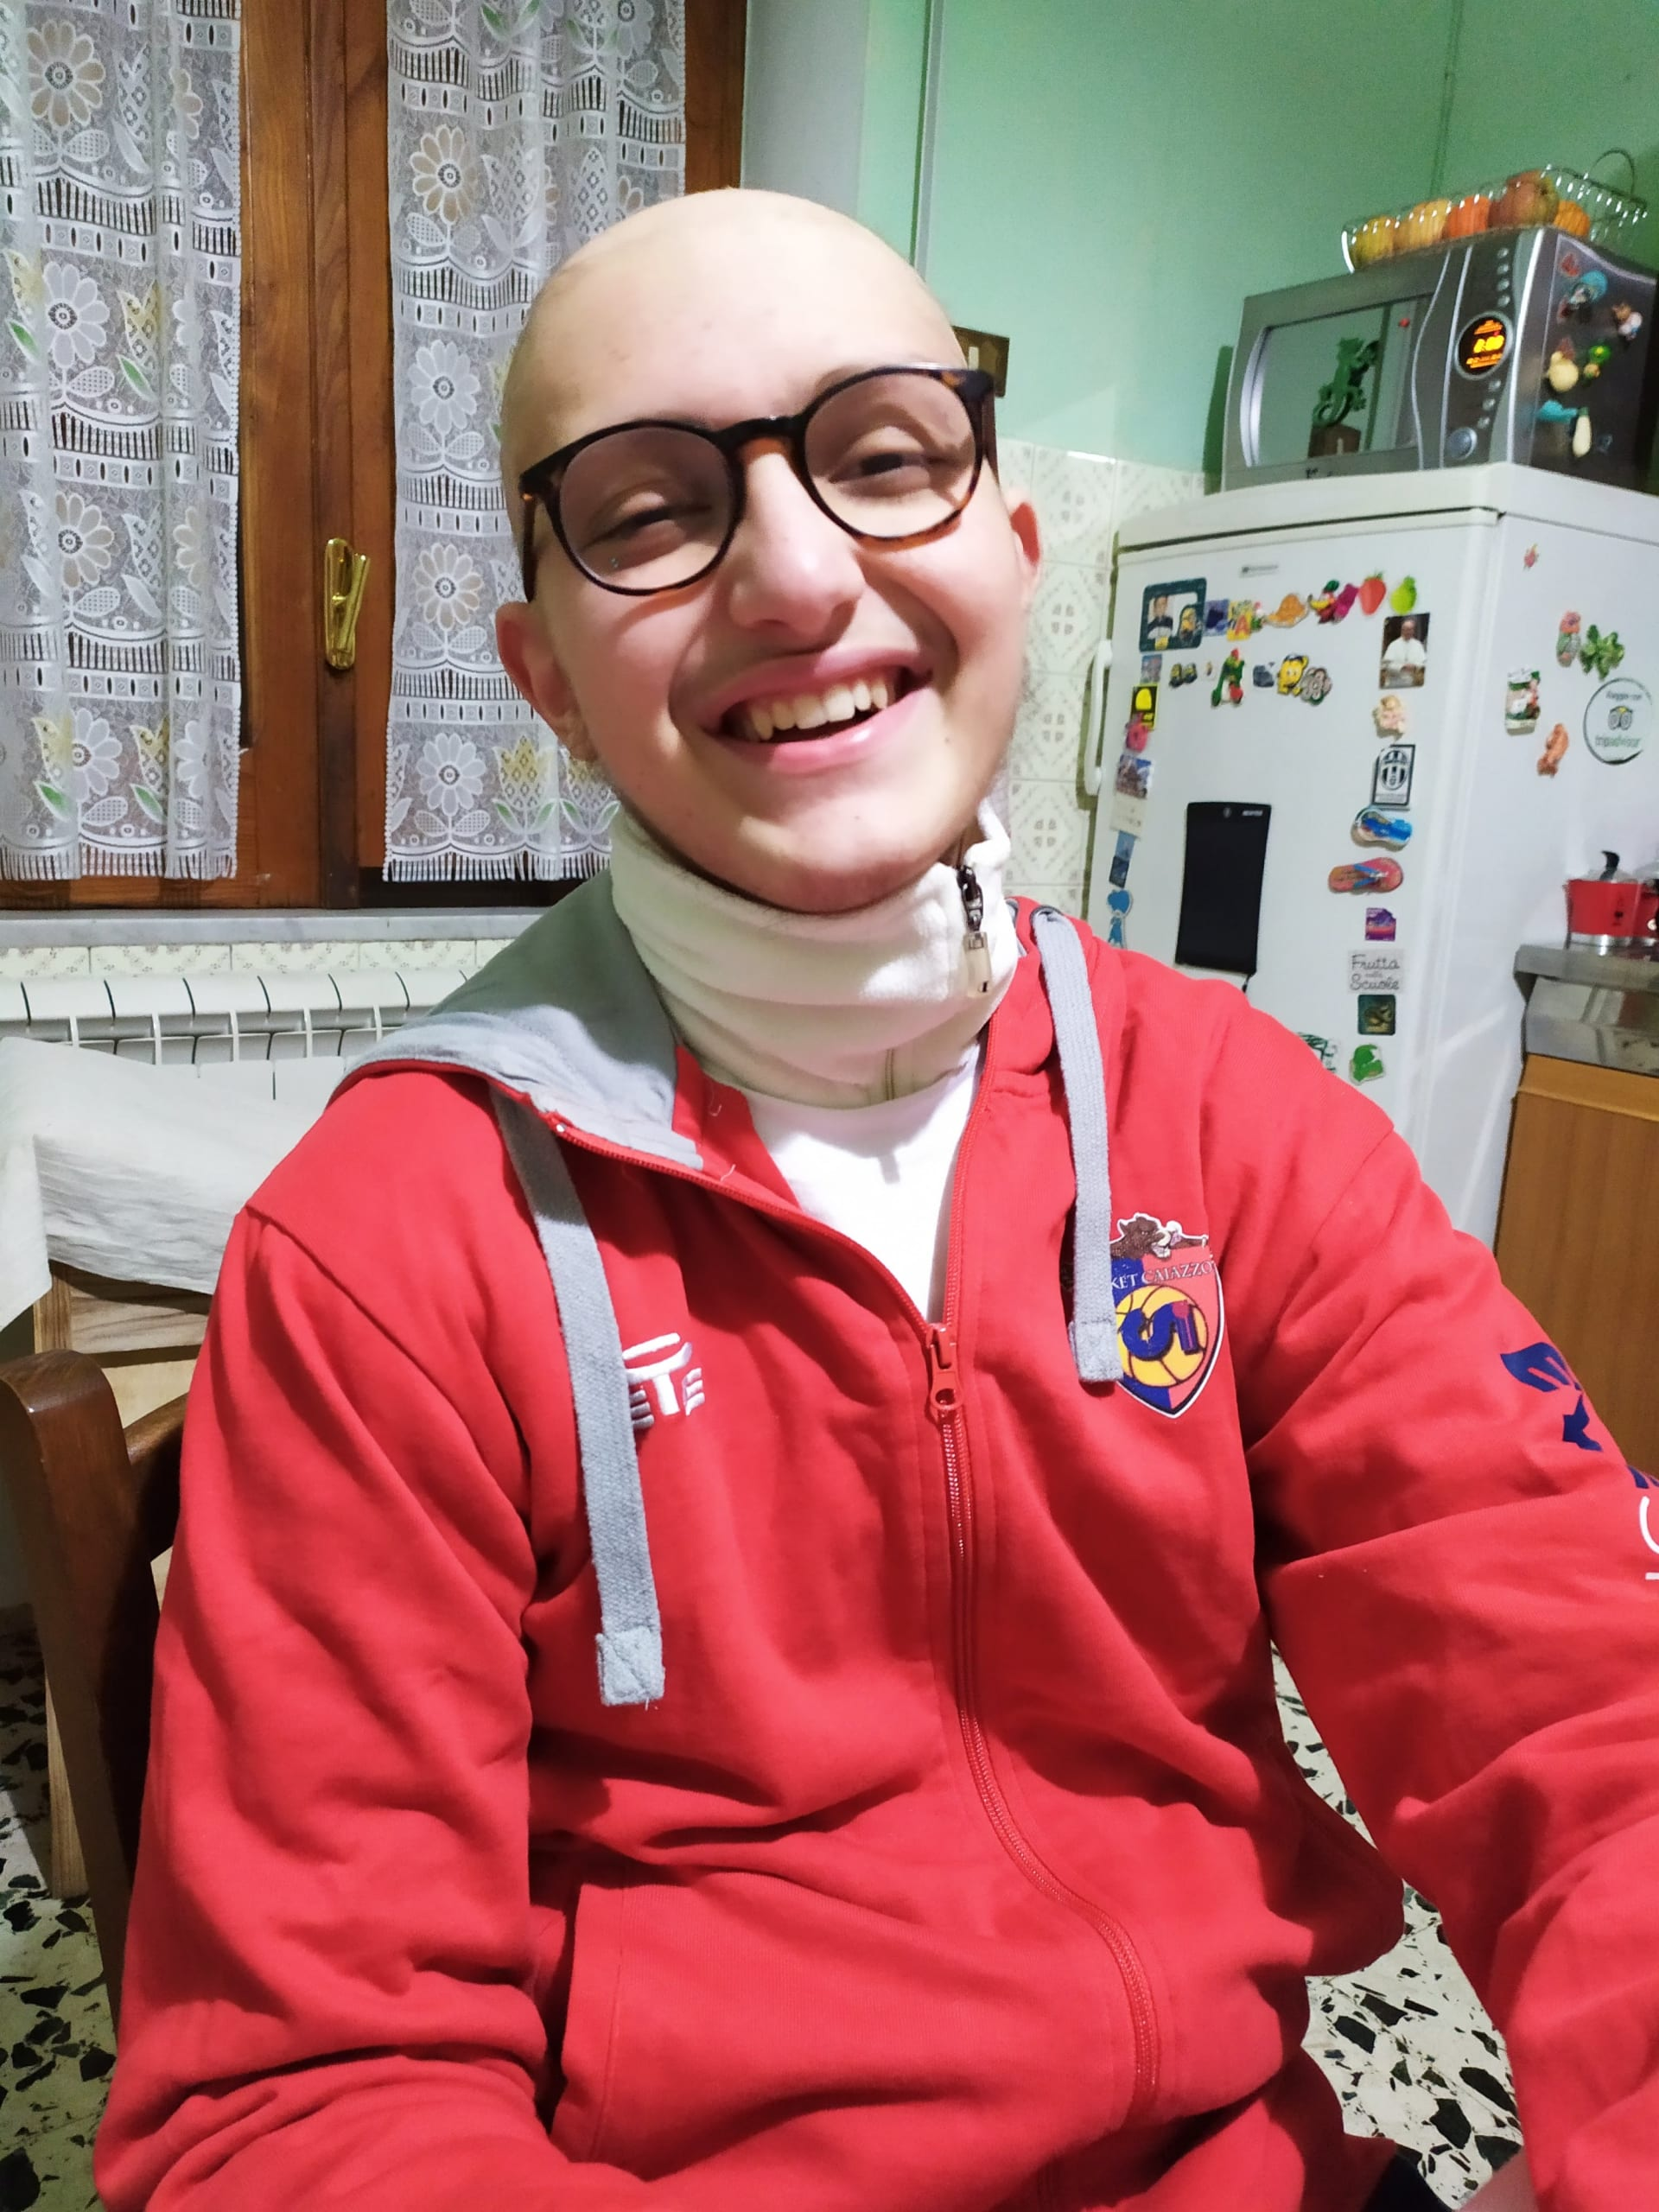 Eugenio sorride a casa dopo la partita di basket